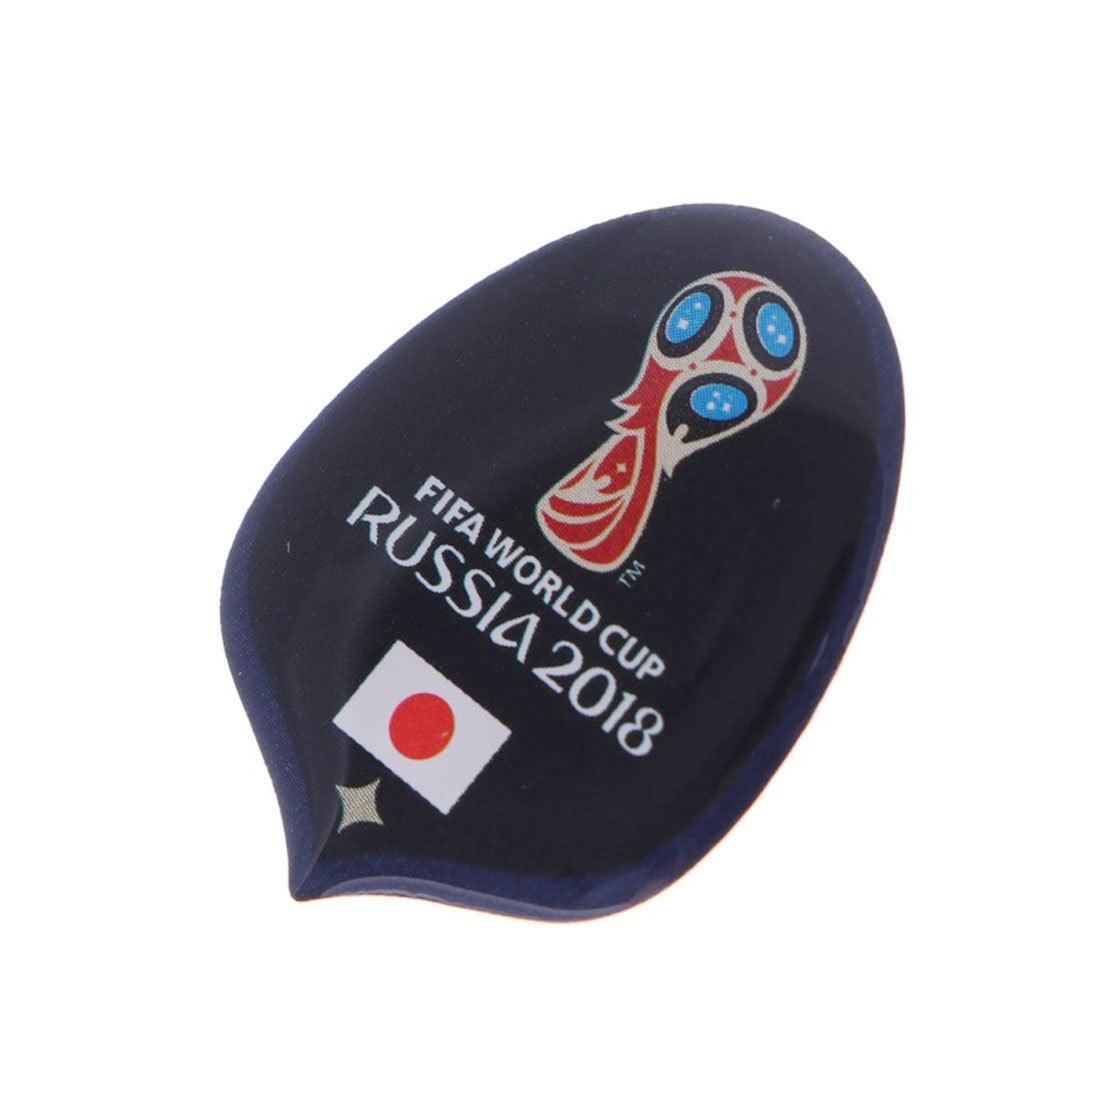 ロコンド 靴とファッションの通販サイトスポーツデポSPORTSDEPOサッカー/フットサルライセンスグッズピンバッチ(出場国)日本83101